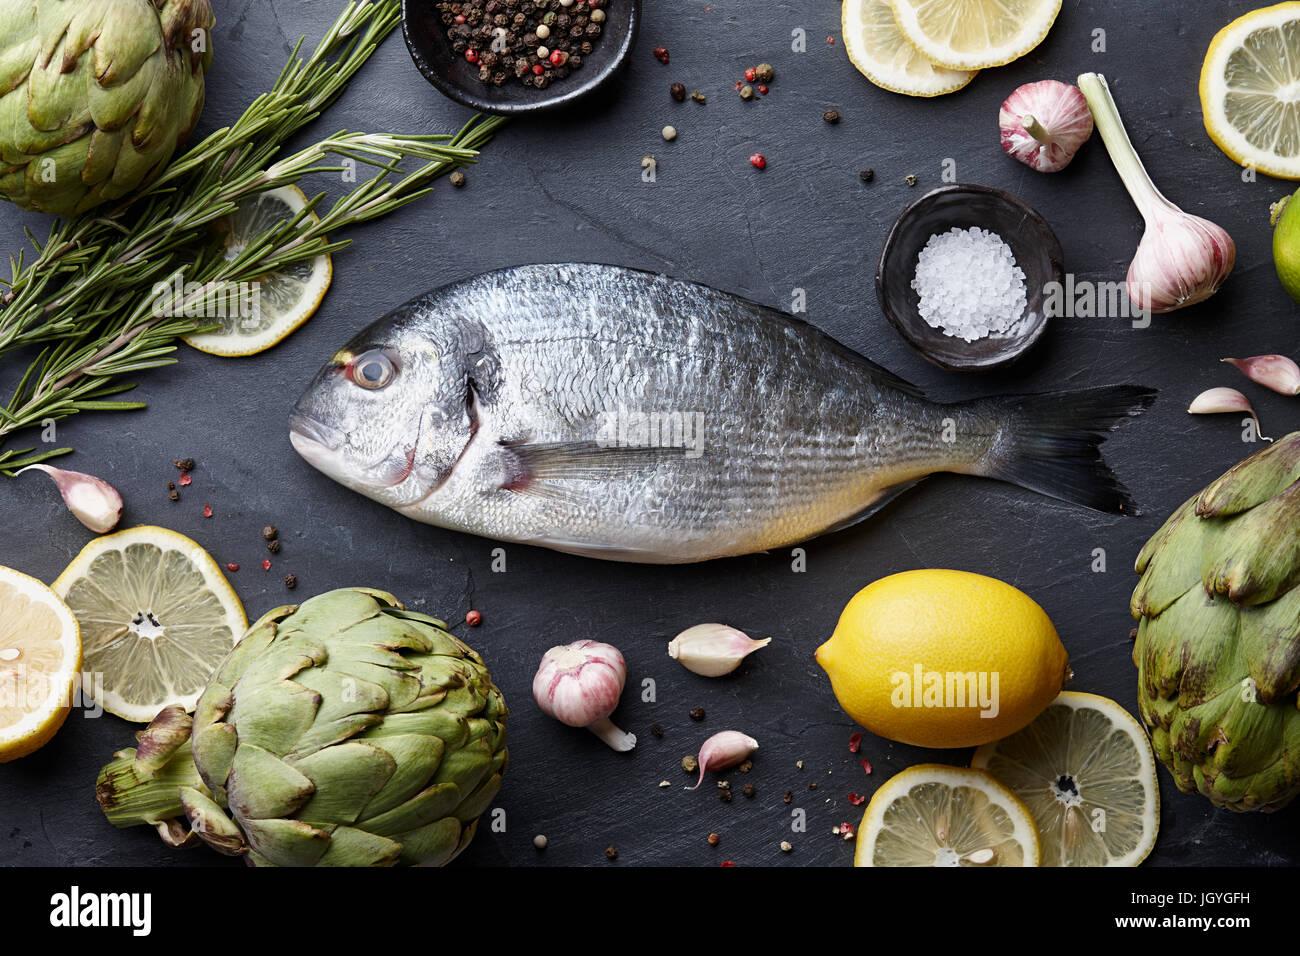 Orate di mare la cucina di pesce Foto & Immagine Stock: 148123125 ...